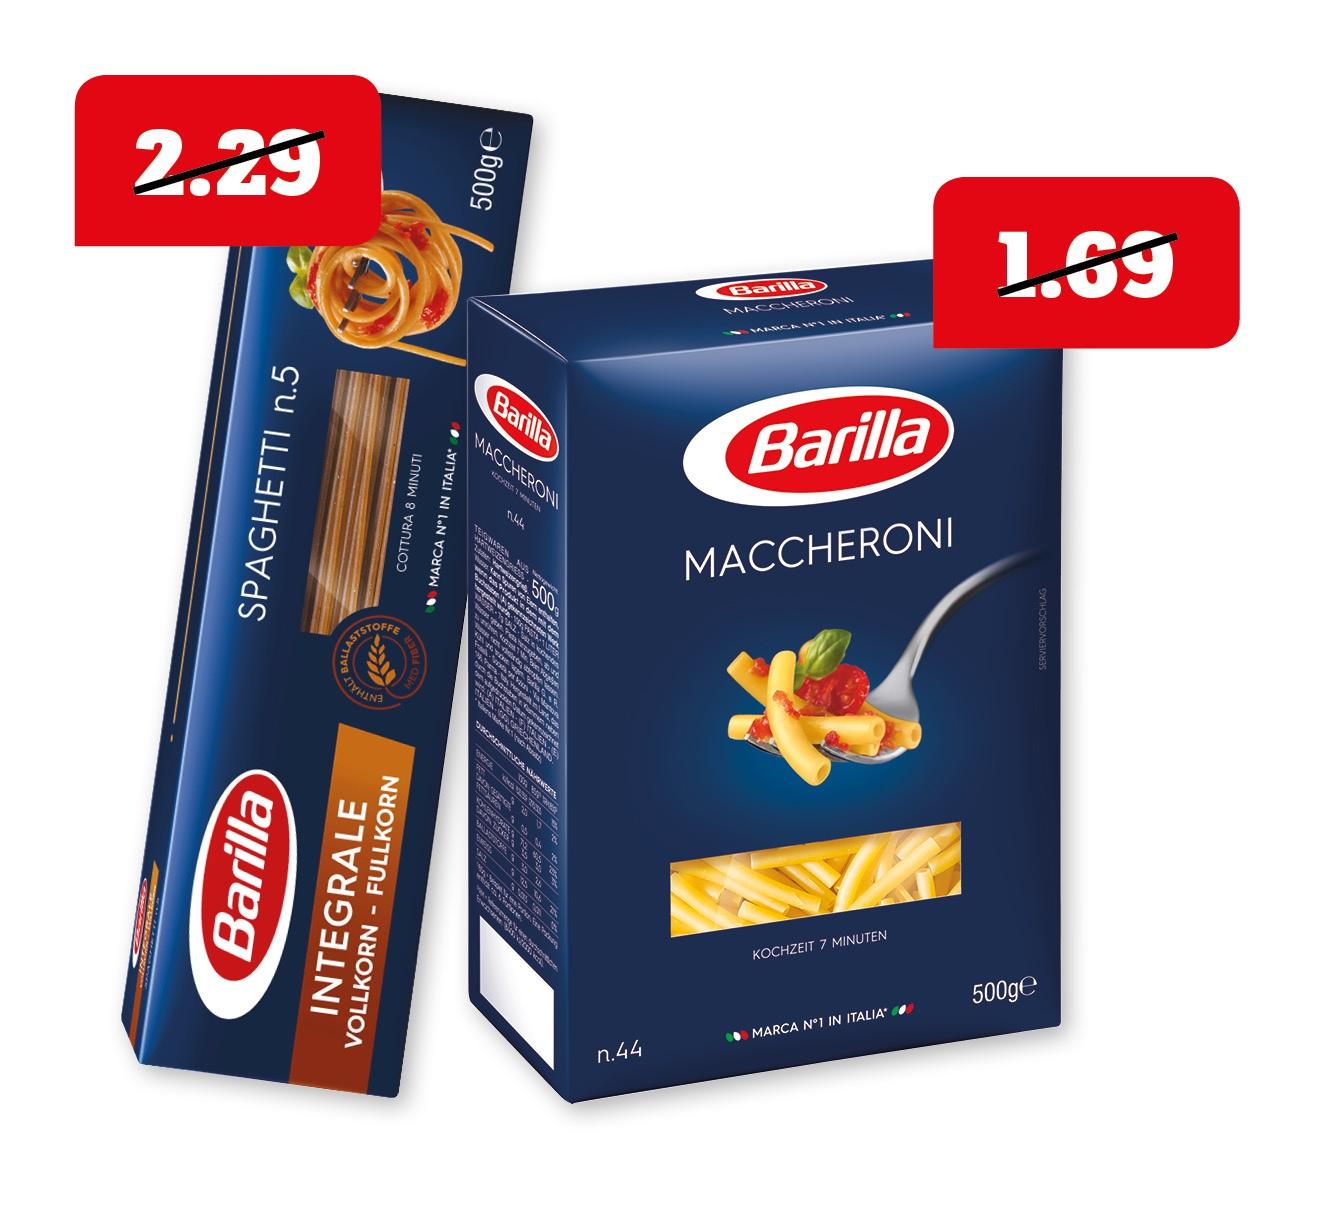 Barilla italienische Pasta oder Integrale